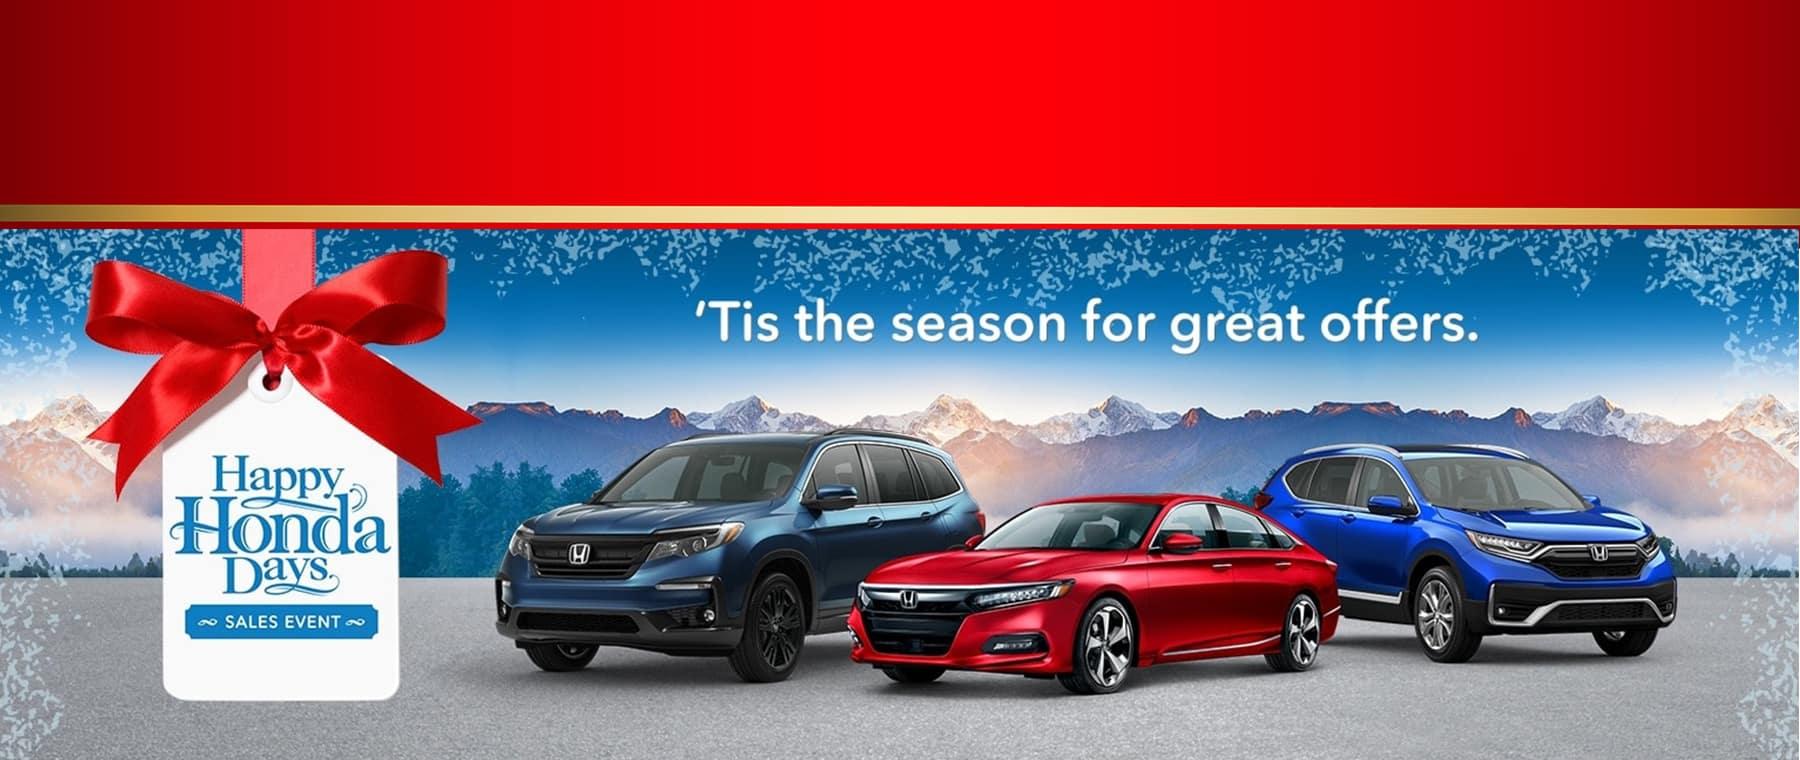 Happy Honda Days Sales Event at Keenan Honda